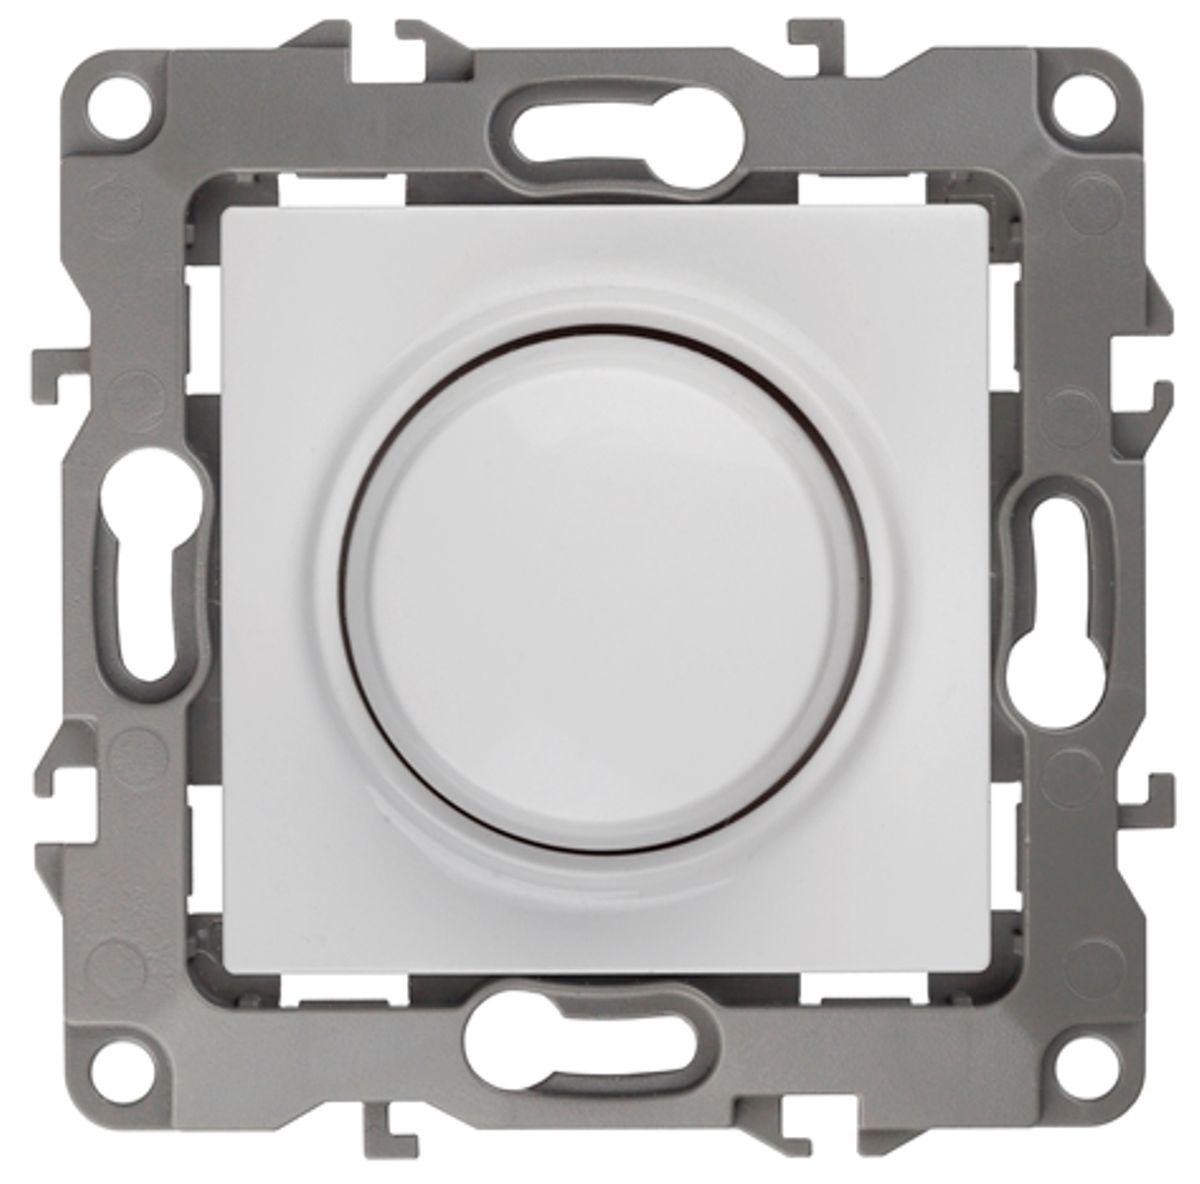 """Светорегулятор поворотно-нажимной """"ЭРА"""", цвет: белый, серый. 12-4101 12-4101-01"""